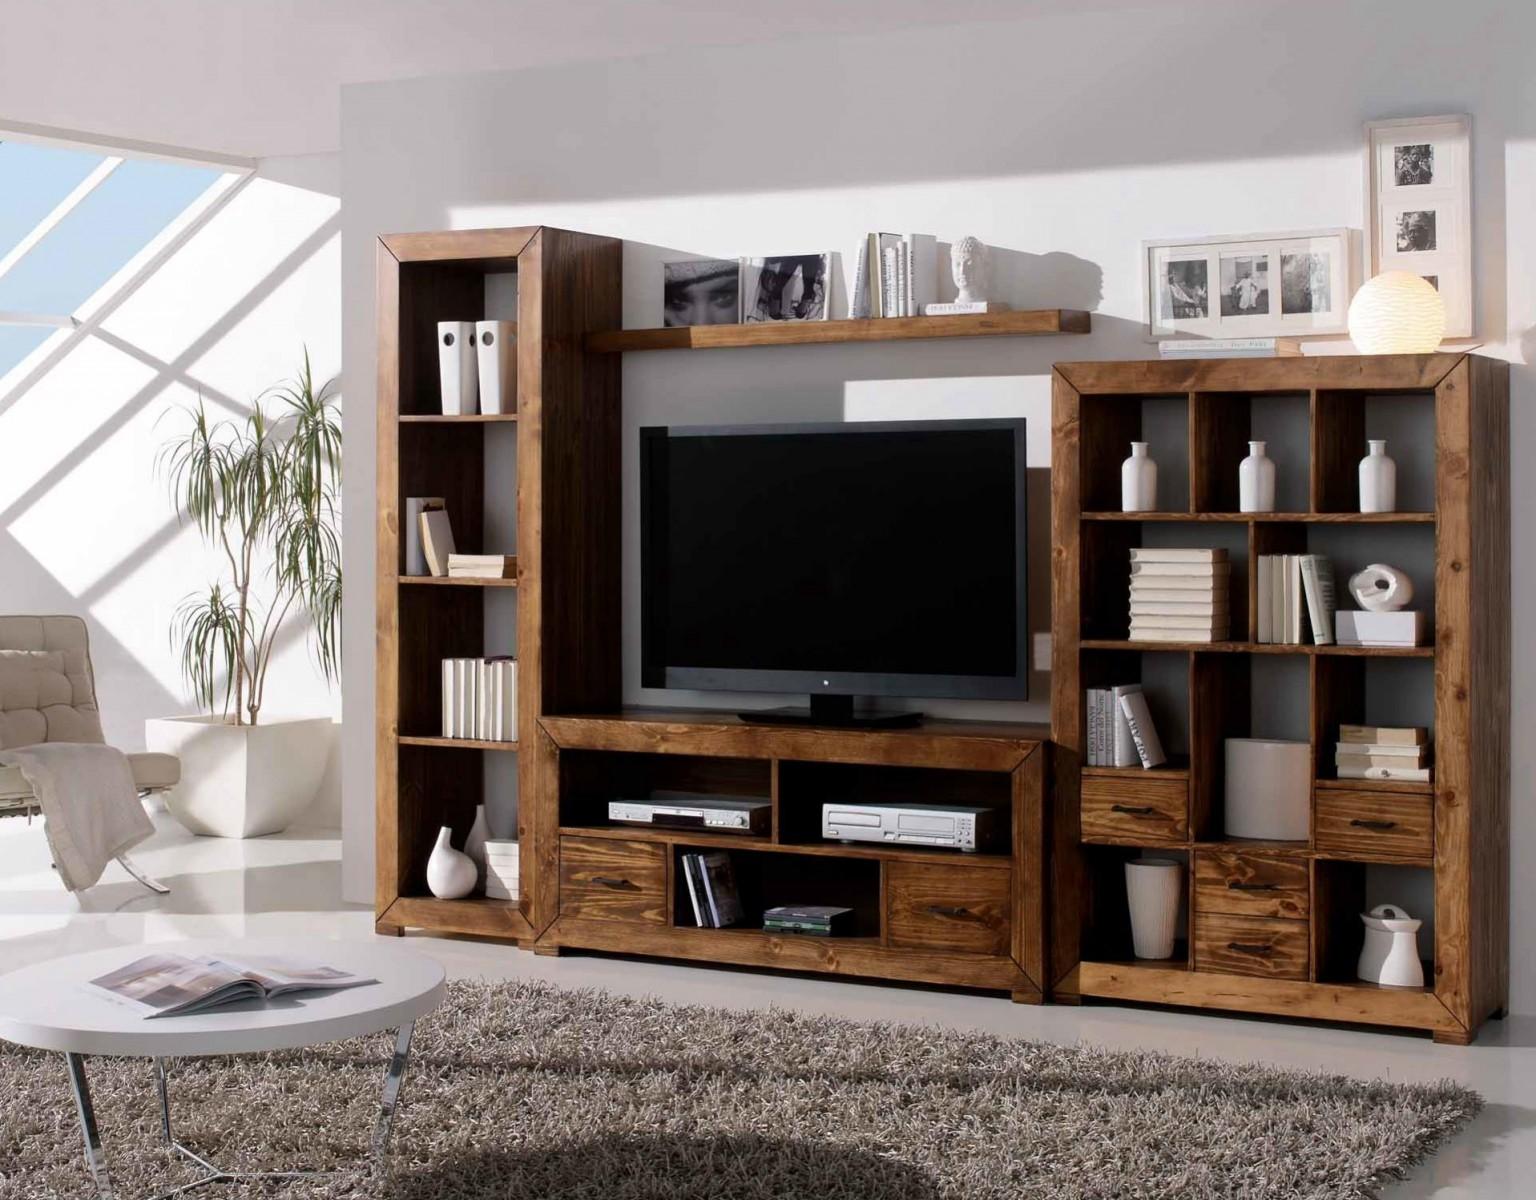 Muebles rusticos cocina muebles de cocina rusticos - Muebles de madera baratos ...